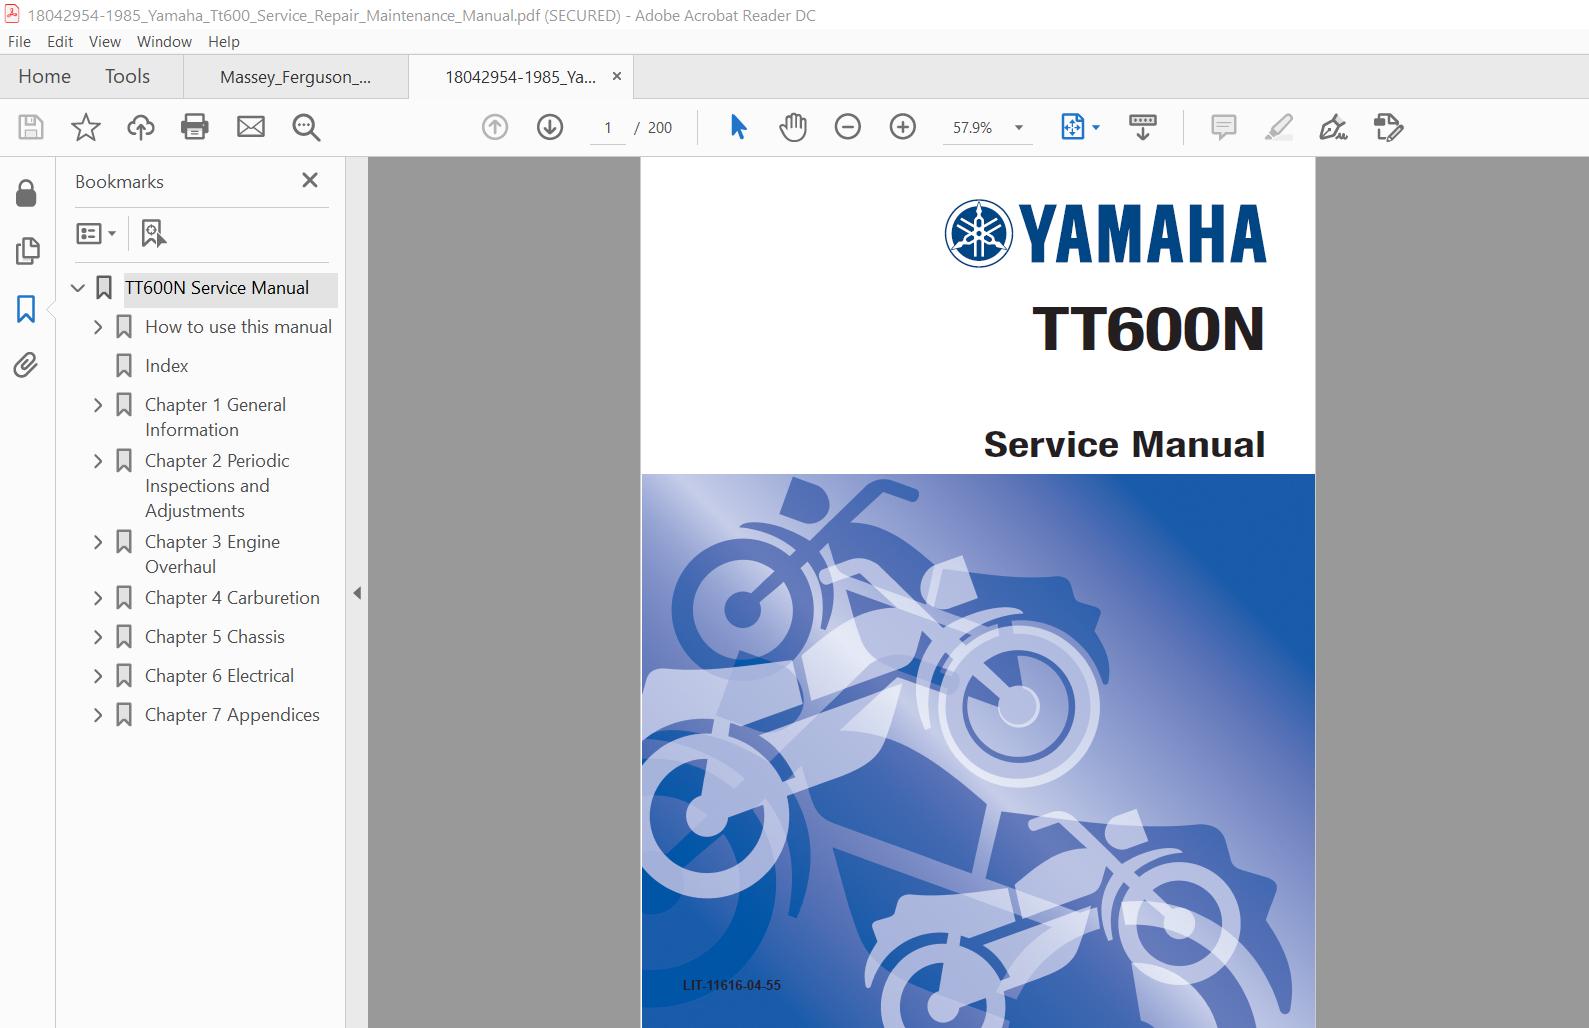 [SCHEMATICS_48IS]  yamaha Archives ~ HeyDownloads - Manual Downloads   1985 Yamaha Tt600n Wiring Schematic      HeyDownloads